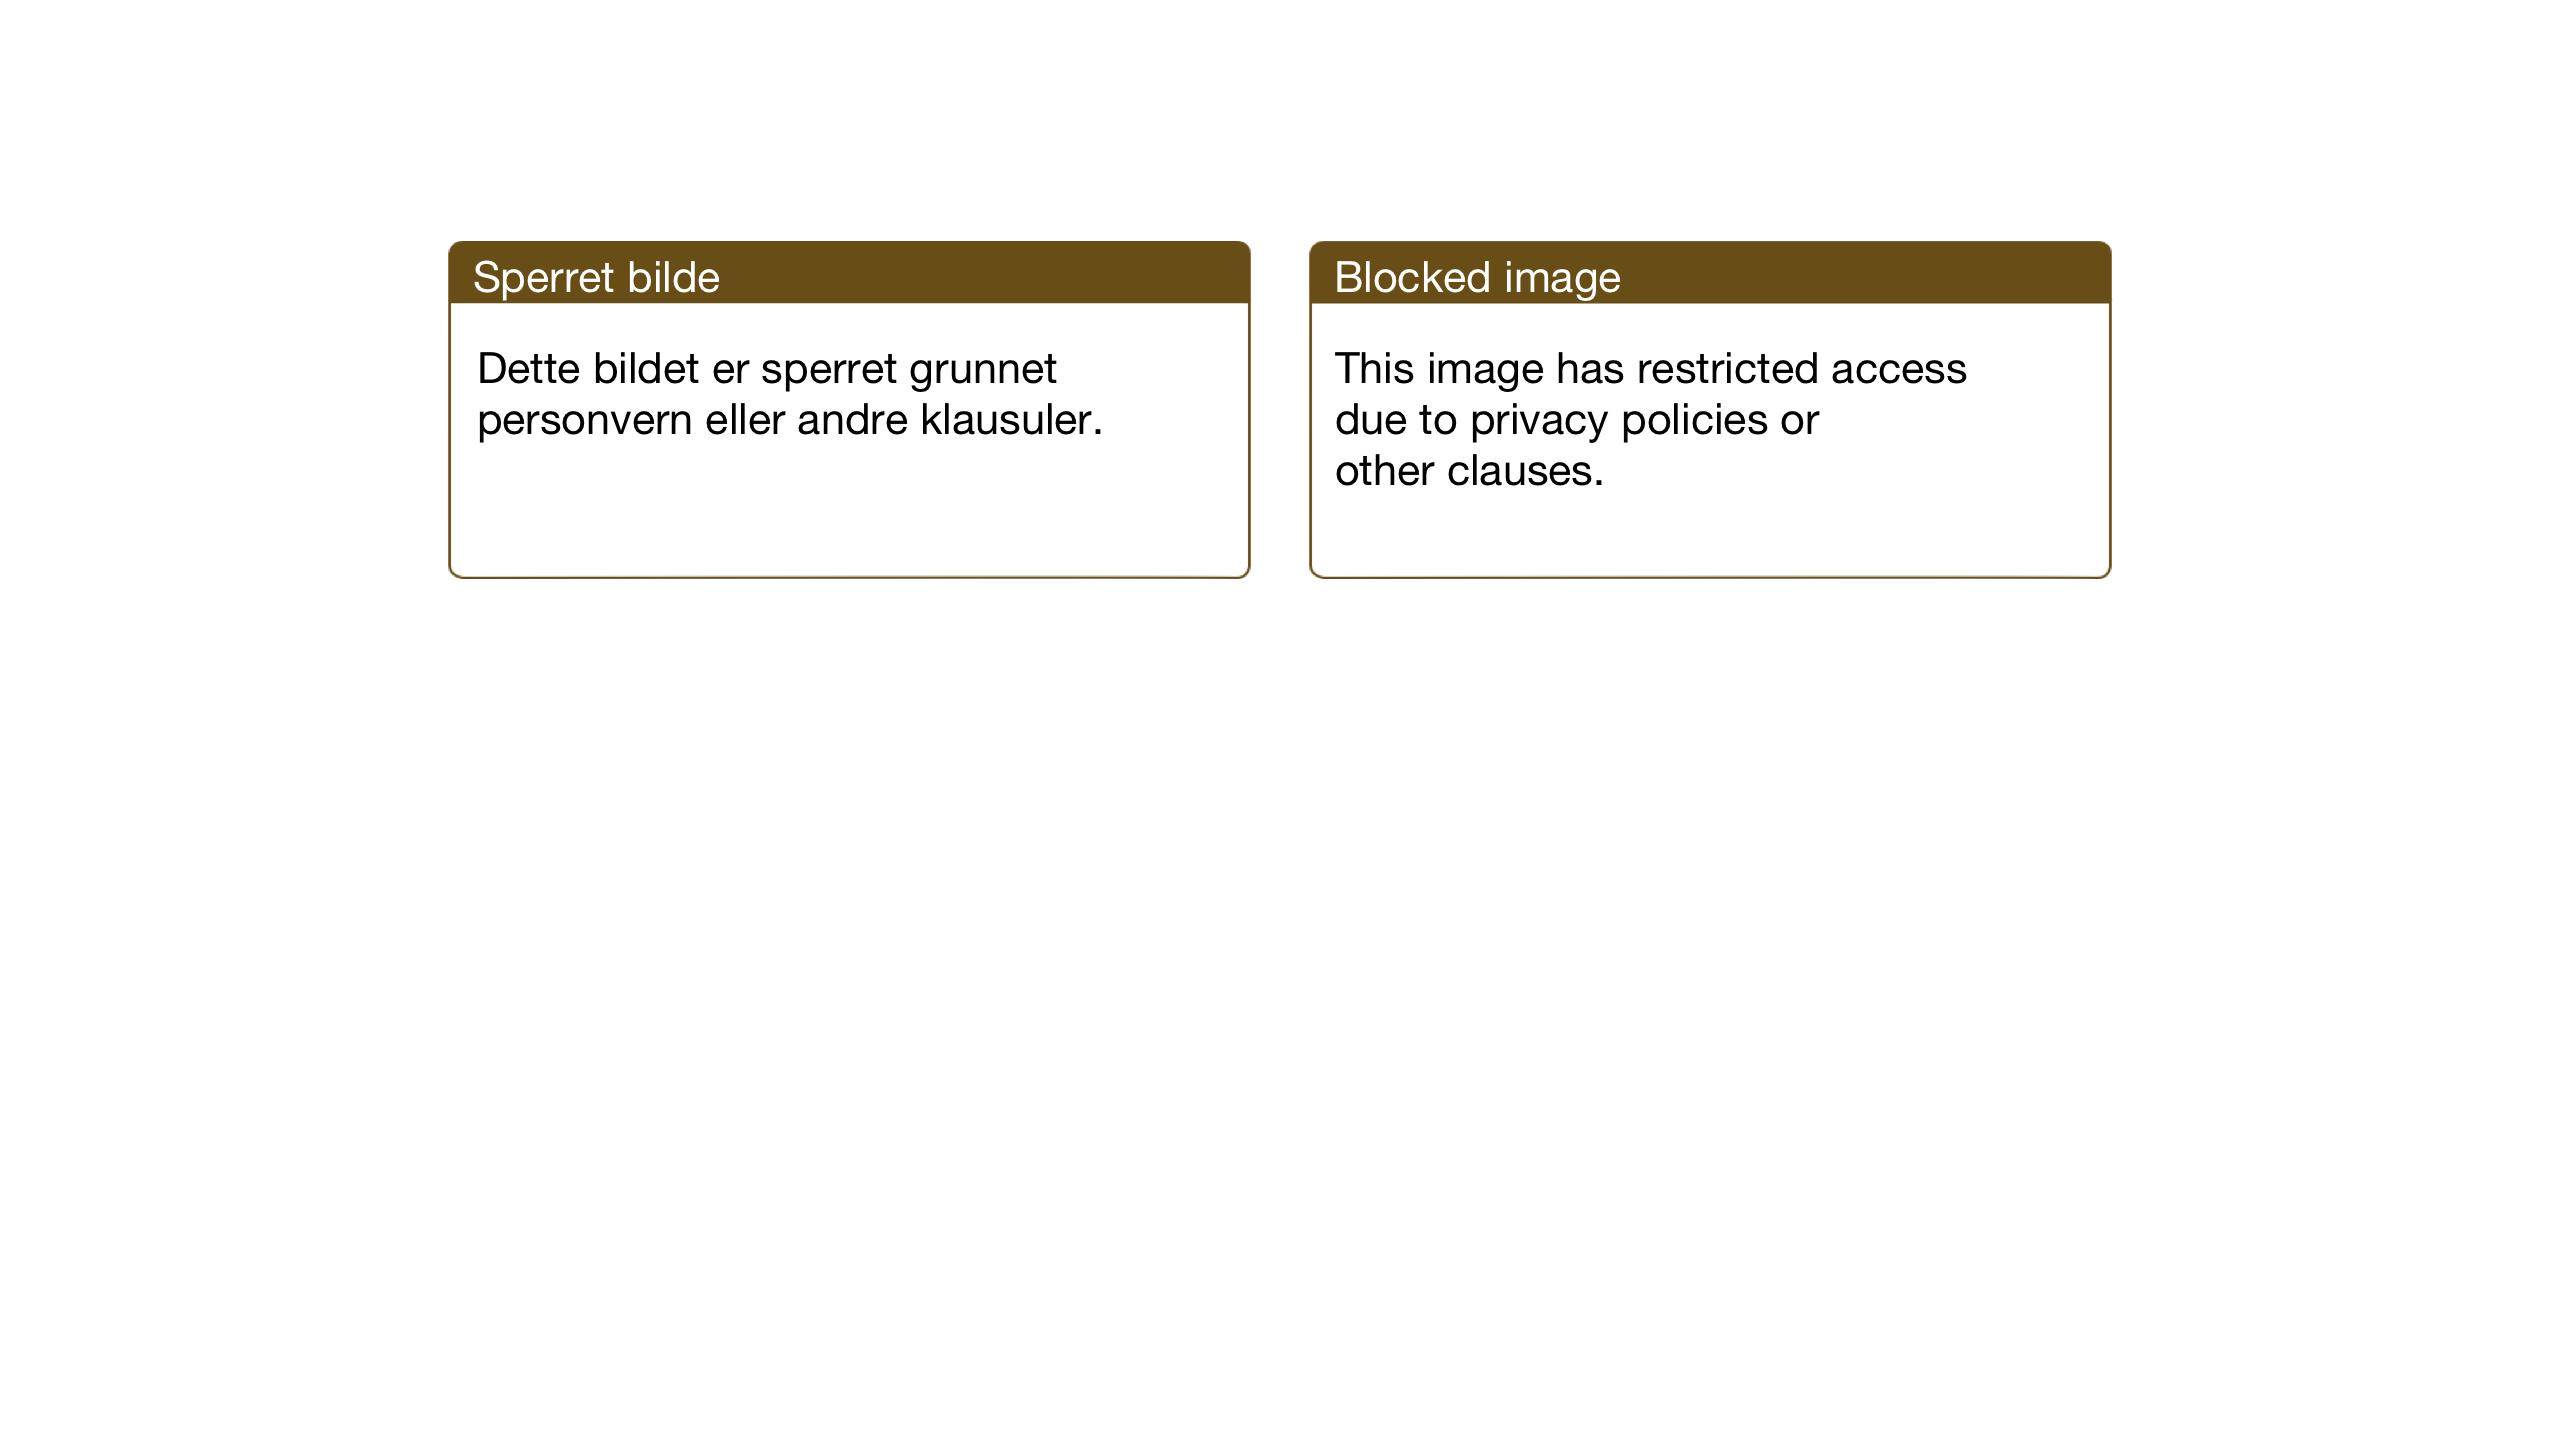 SAT, Ministerialprotokoller, klokkerbøker og fødselsregistre - Sør-Trøndelag, 615/L0401: Klokkerbok nr. 615C02, 1922-1941, s. 169